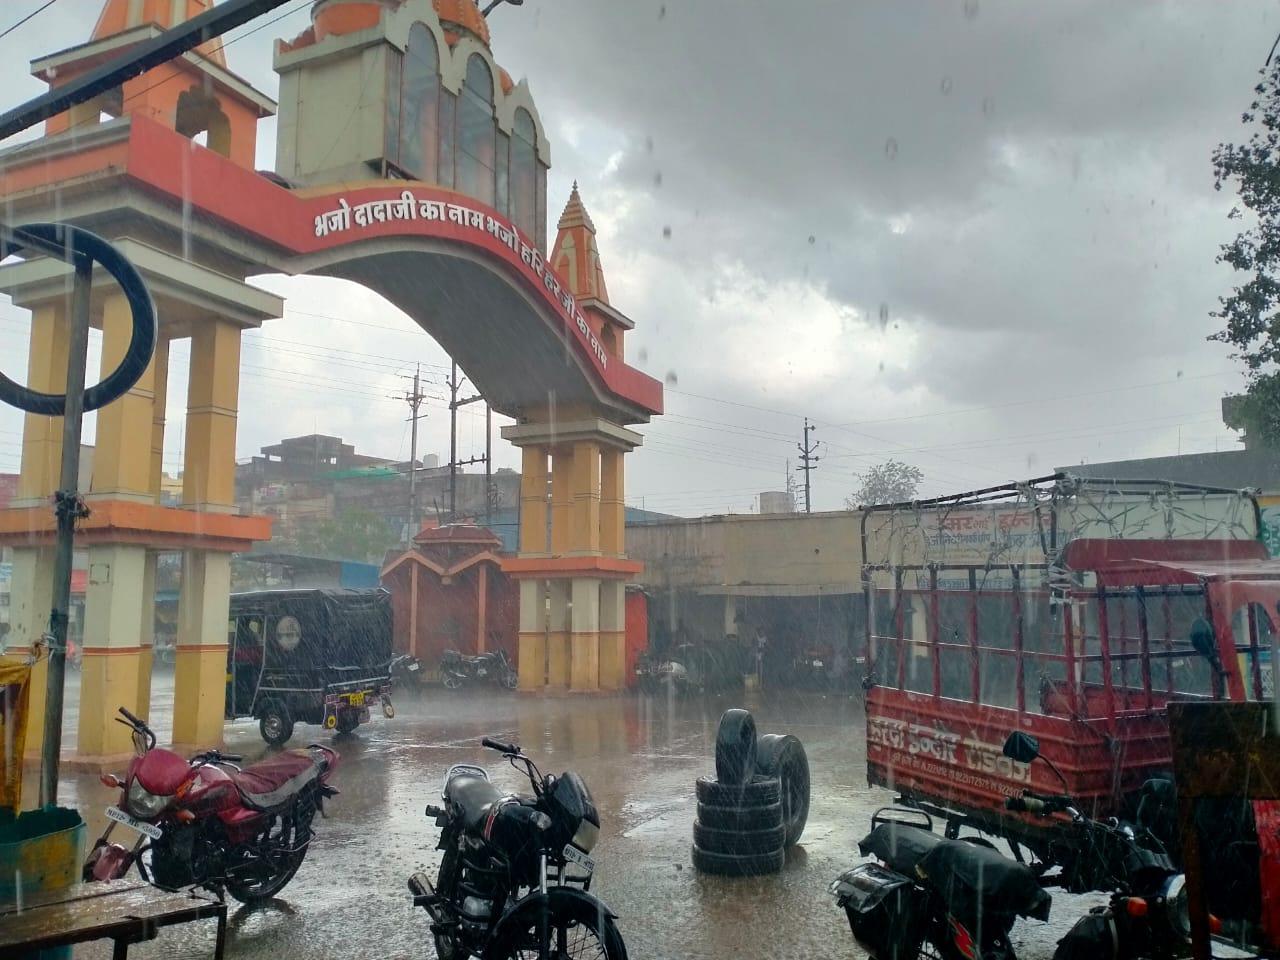 पहली बारिश में शहर तरबतर, घरों में जलभराव; वैज्ञानिक बोले- मानसून सक्रिय नहीं, सप्ताहभर बाद अच्छी बारिश के संकेत|खंडवा,Khandwa - Dainik Bhaskar